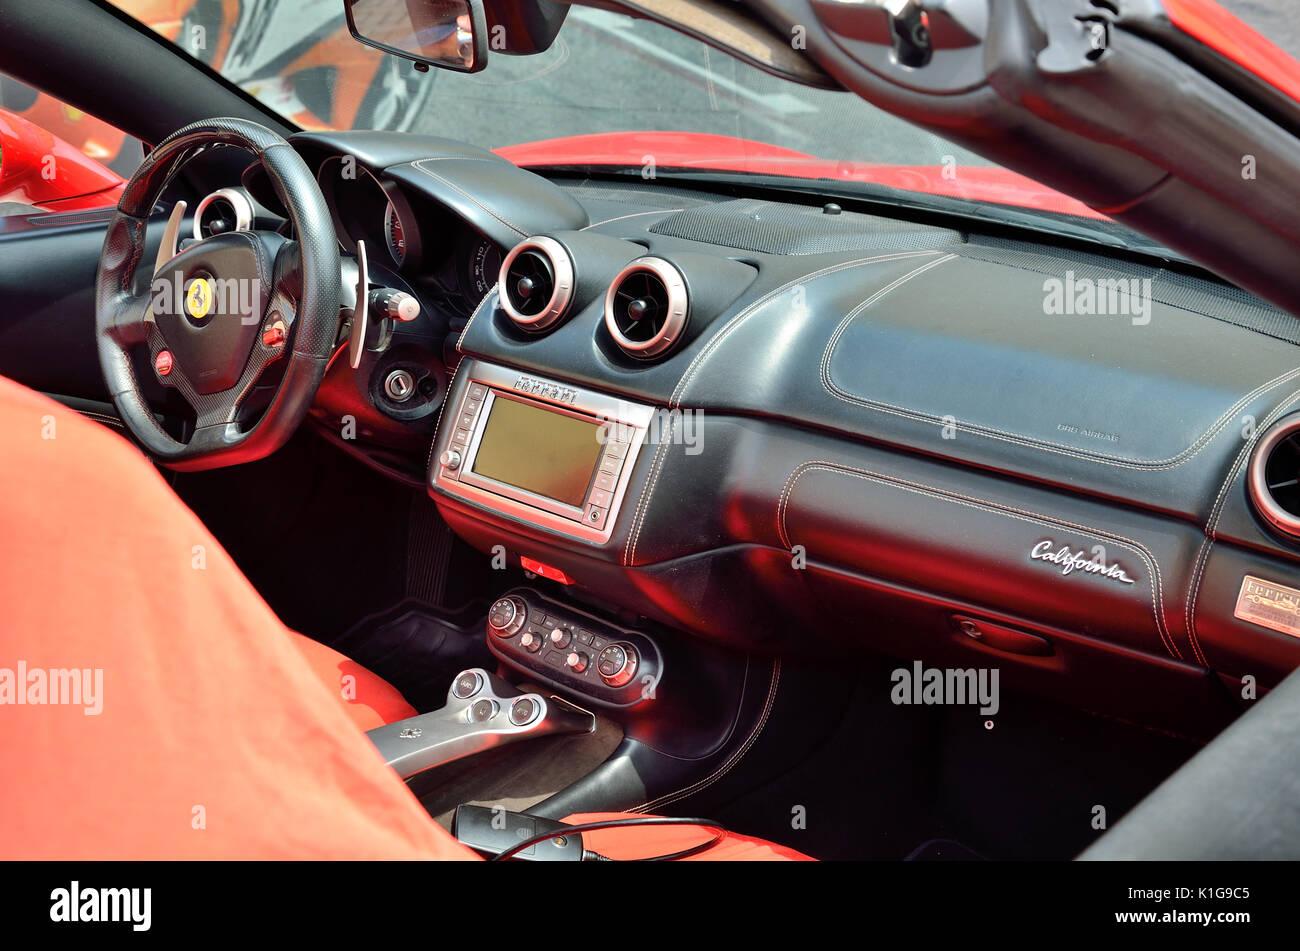 Ferrari California Cabriolet interior Stock Photo: 155866597 - Alamy